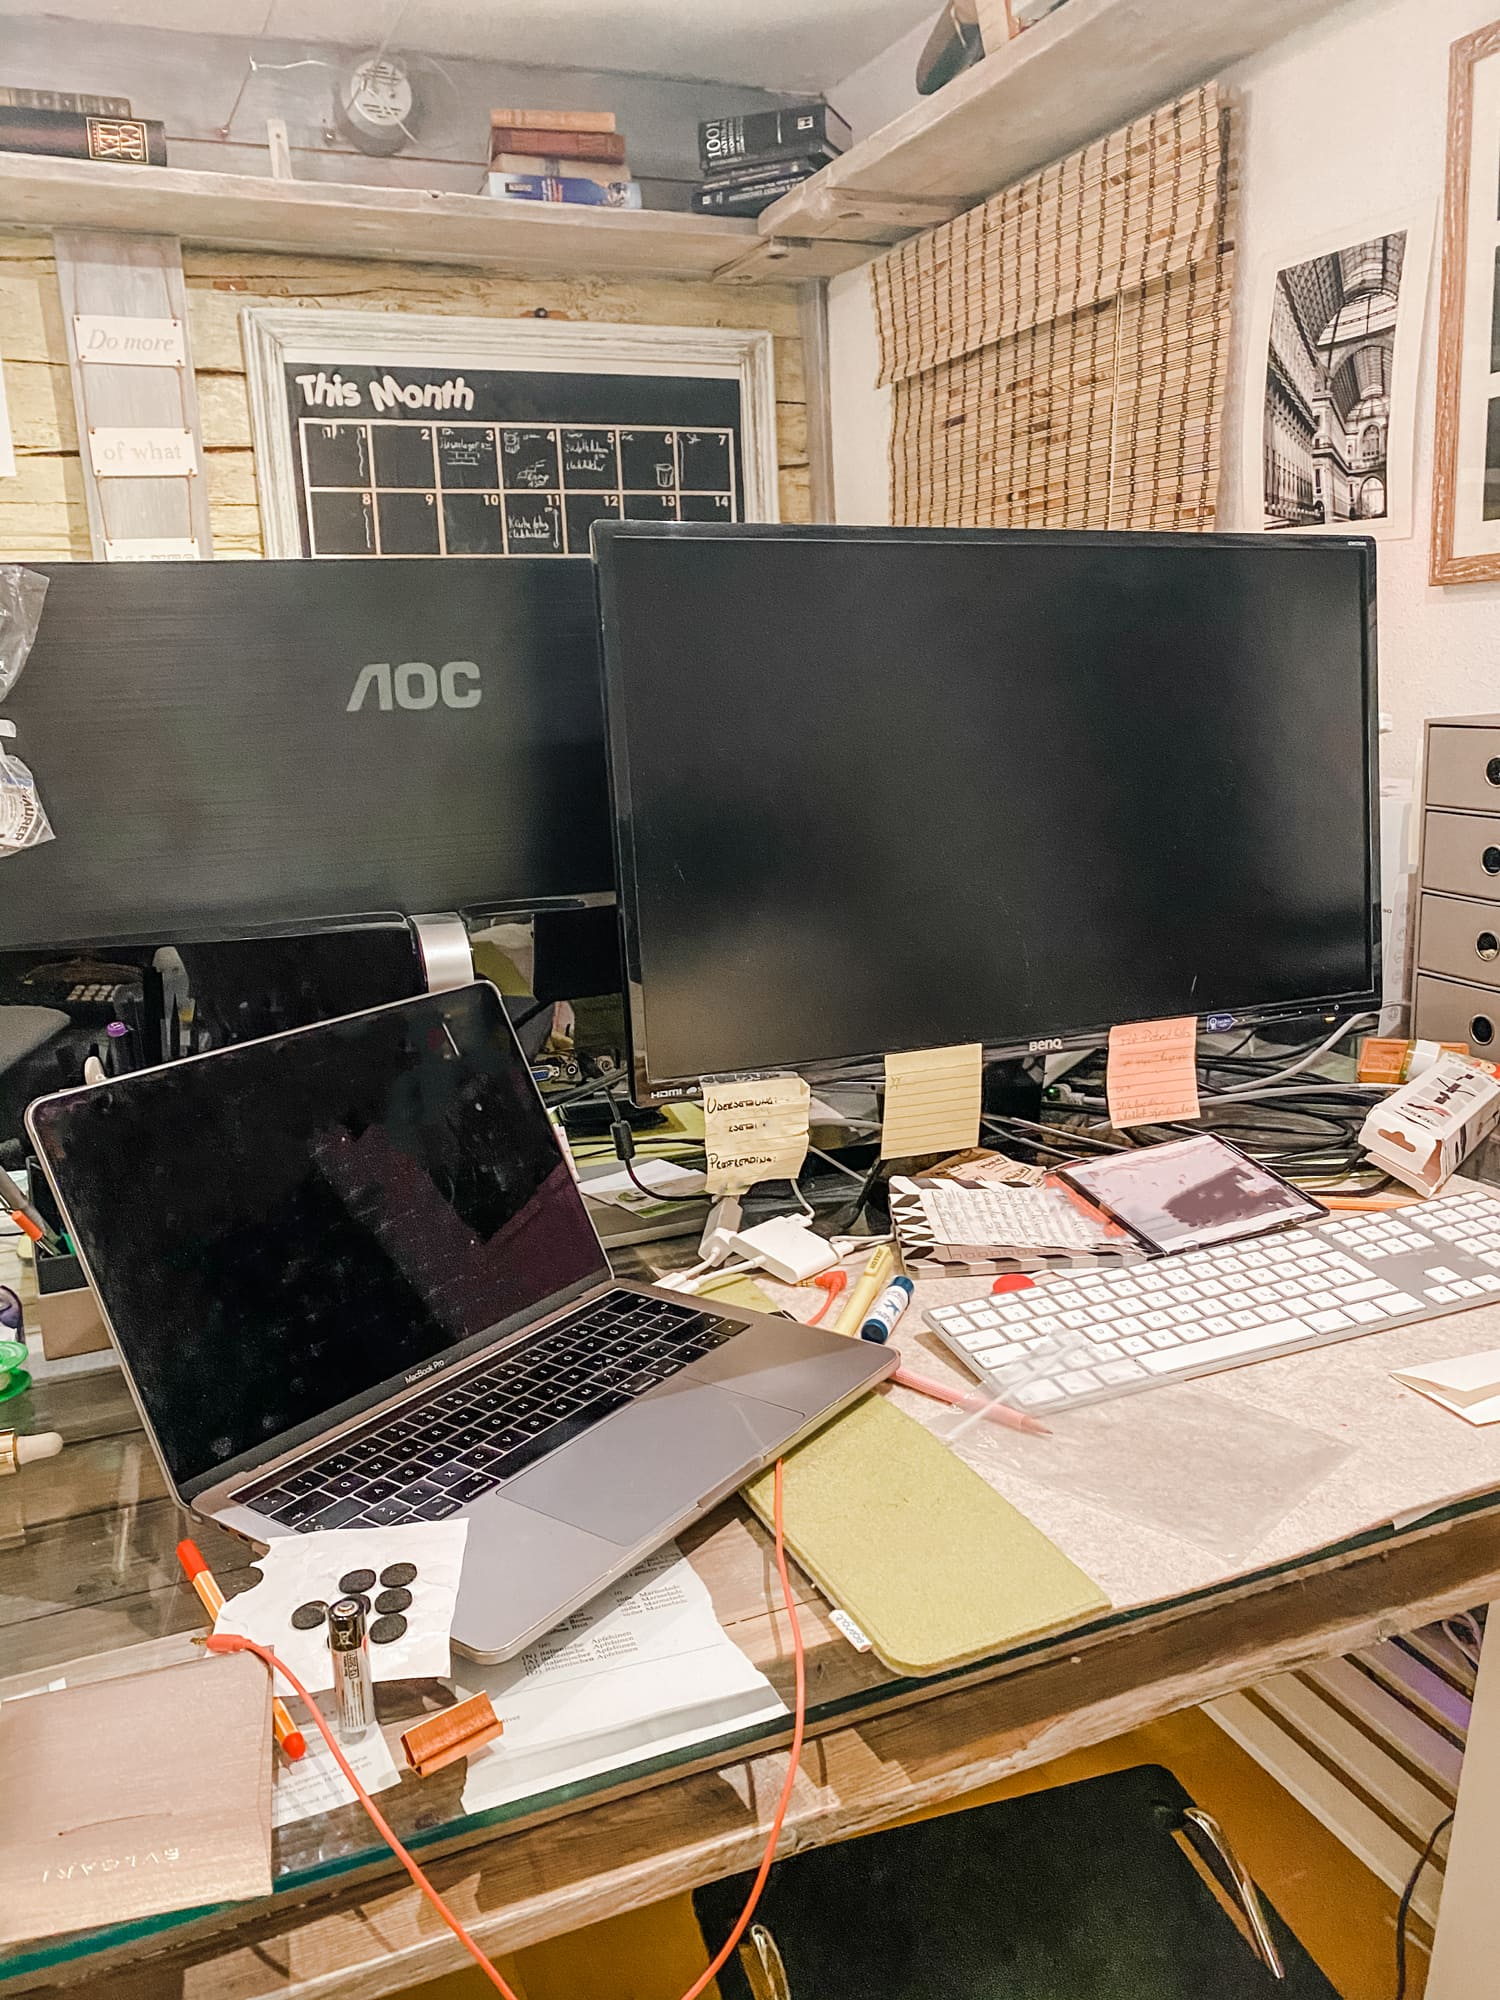 Bildschirm, Home Office, Vorher/Nachher, Vorher, Monitor, DIY,